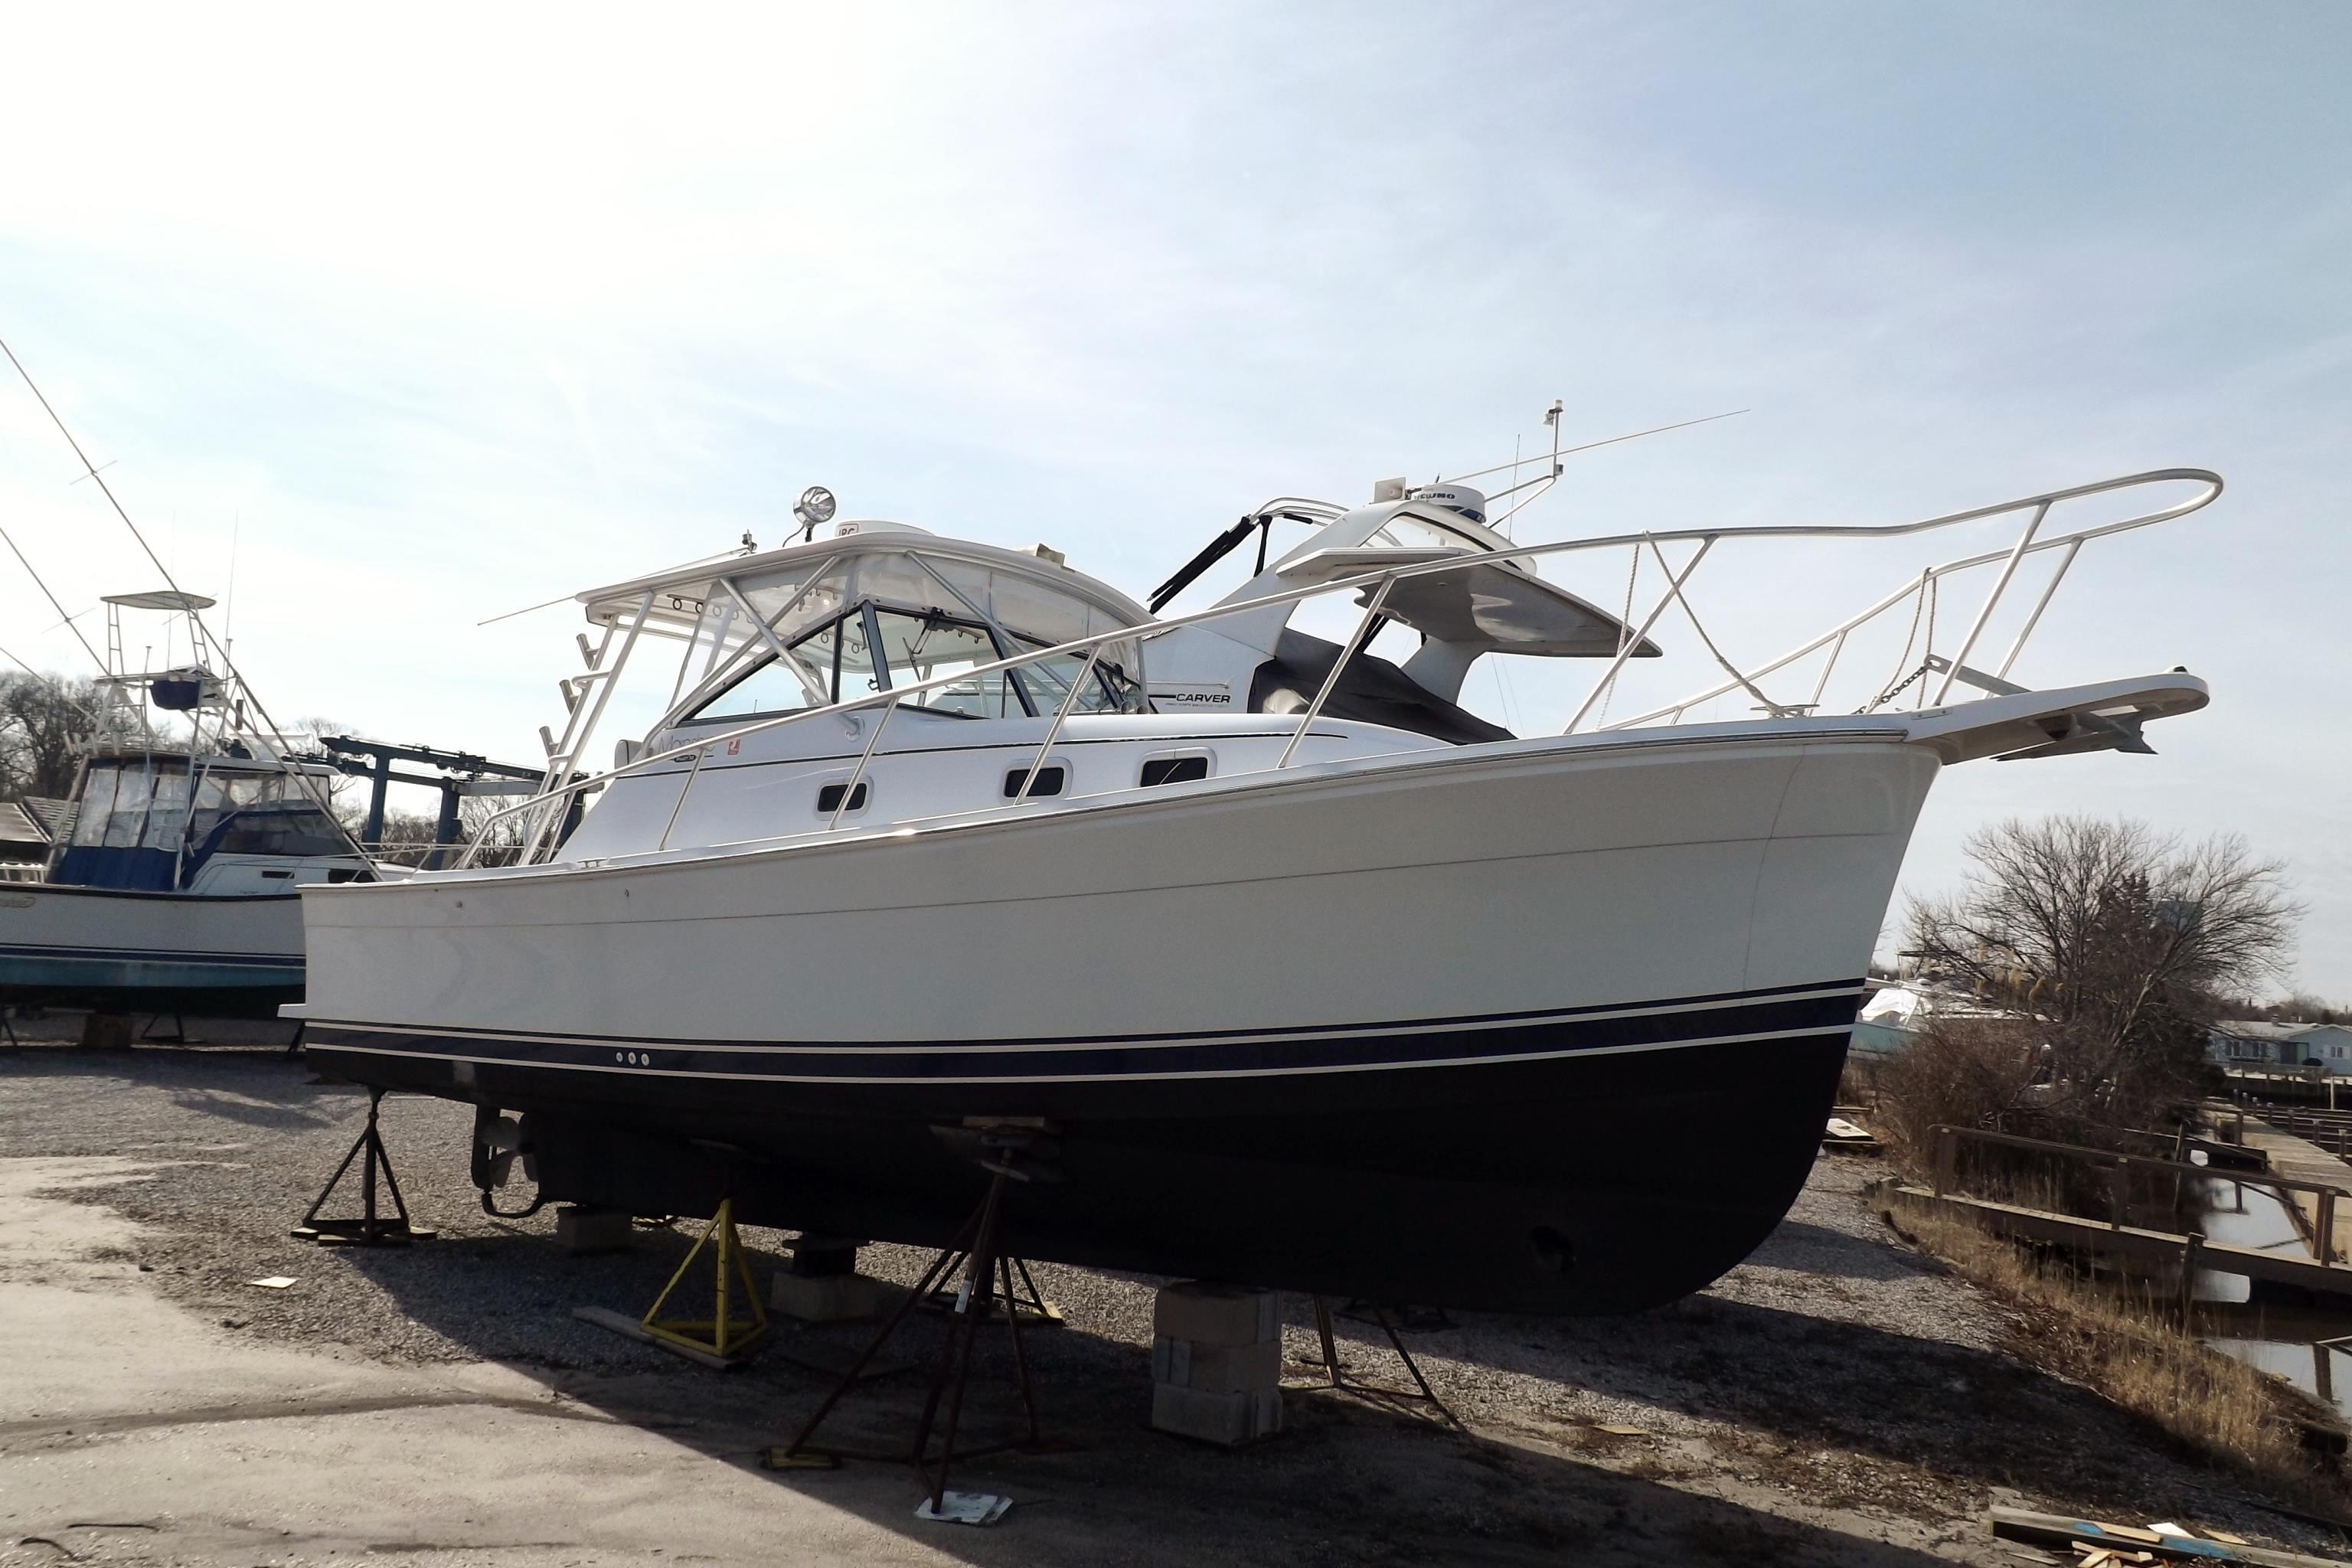 Mainship 30 Pilot - Brick7 Boats